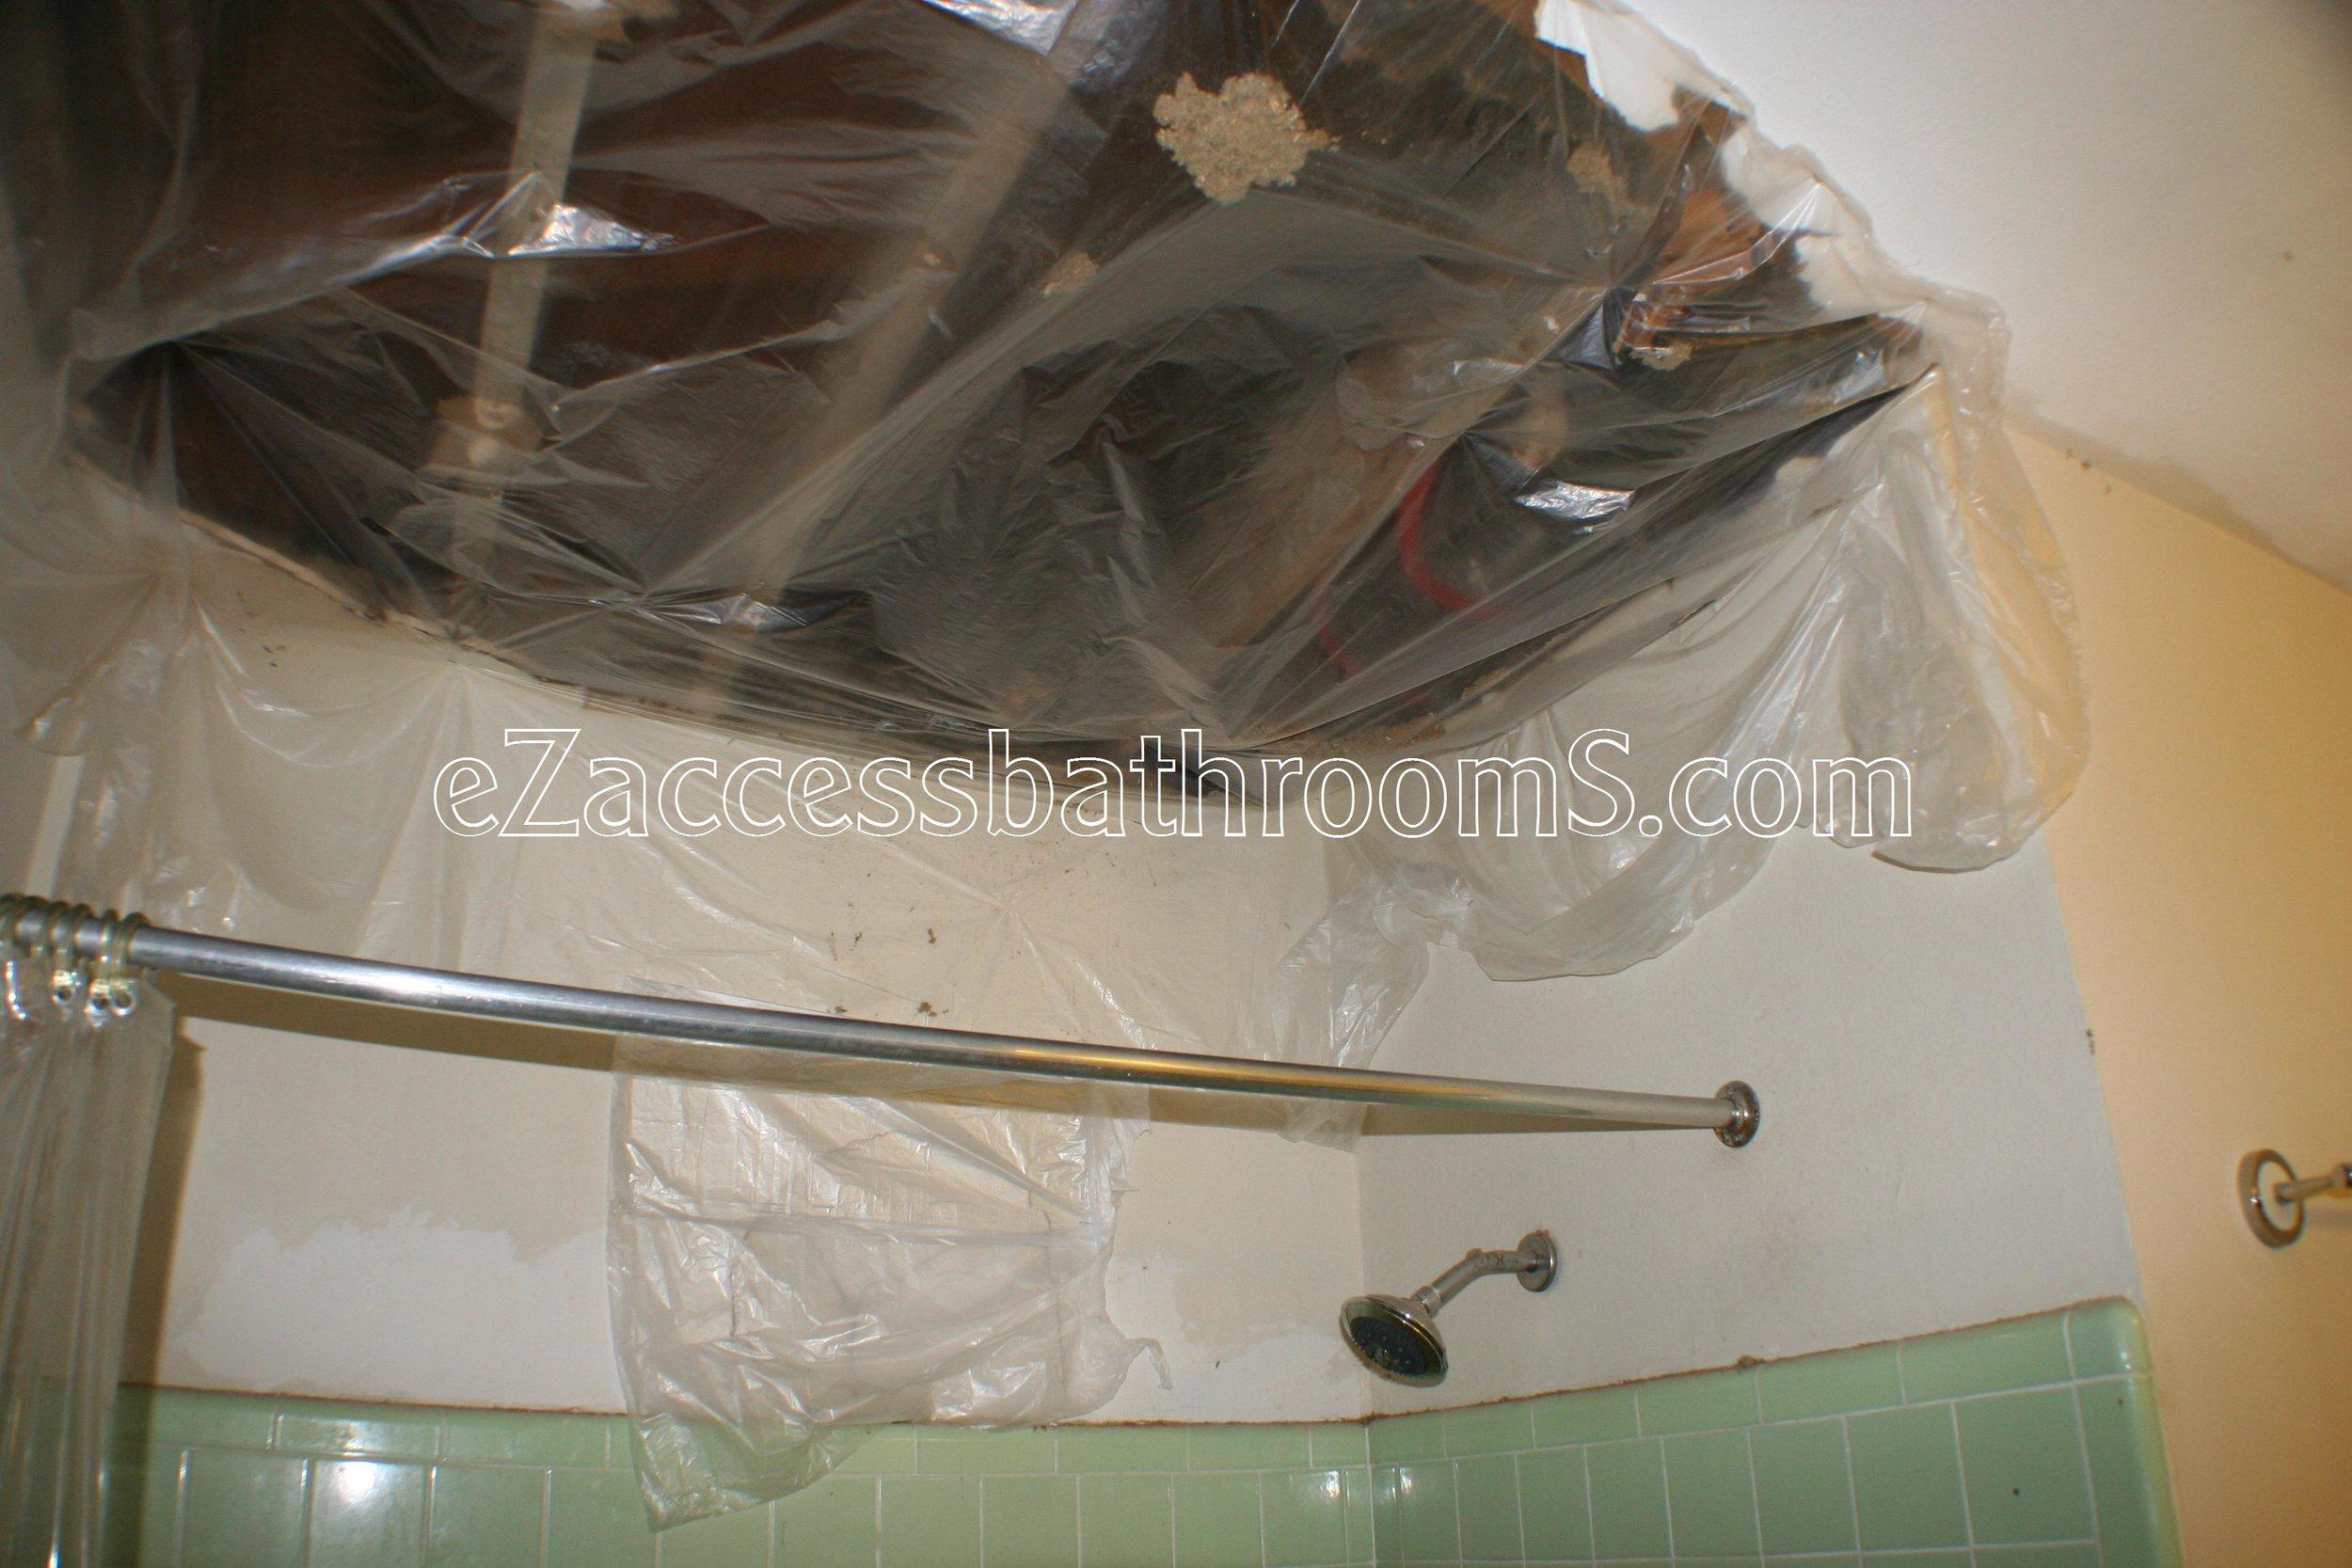 rollin shower ezaccessbathrooms.com 0017.JPG